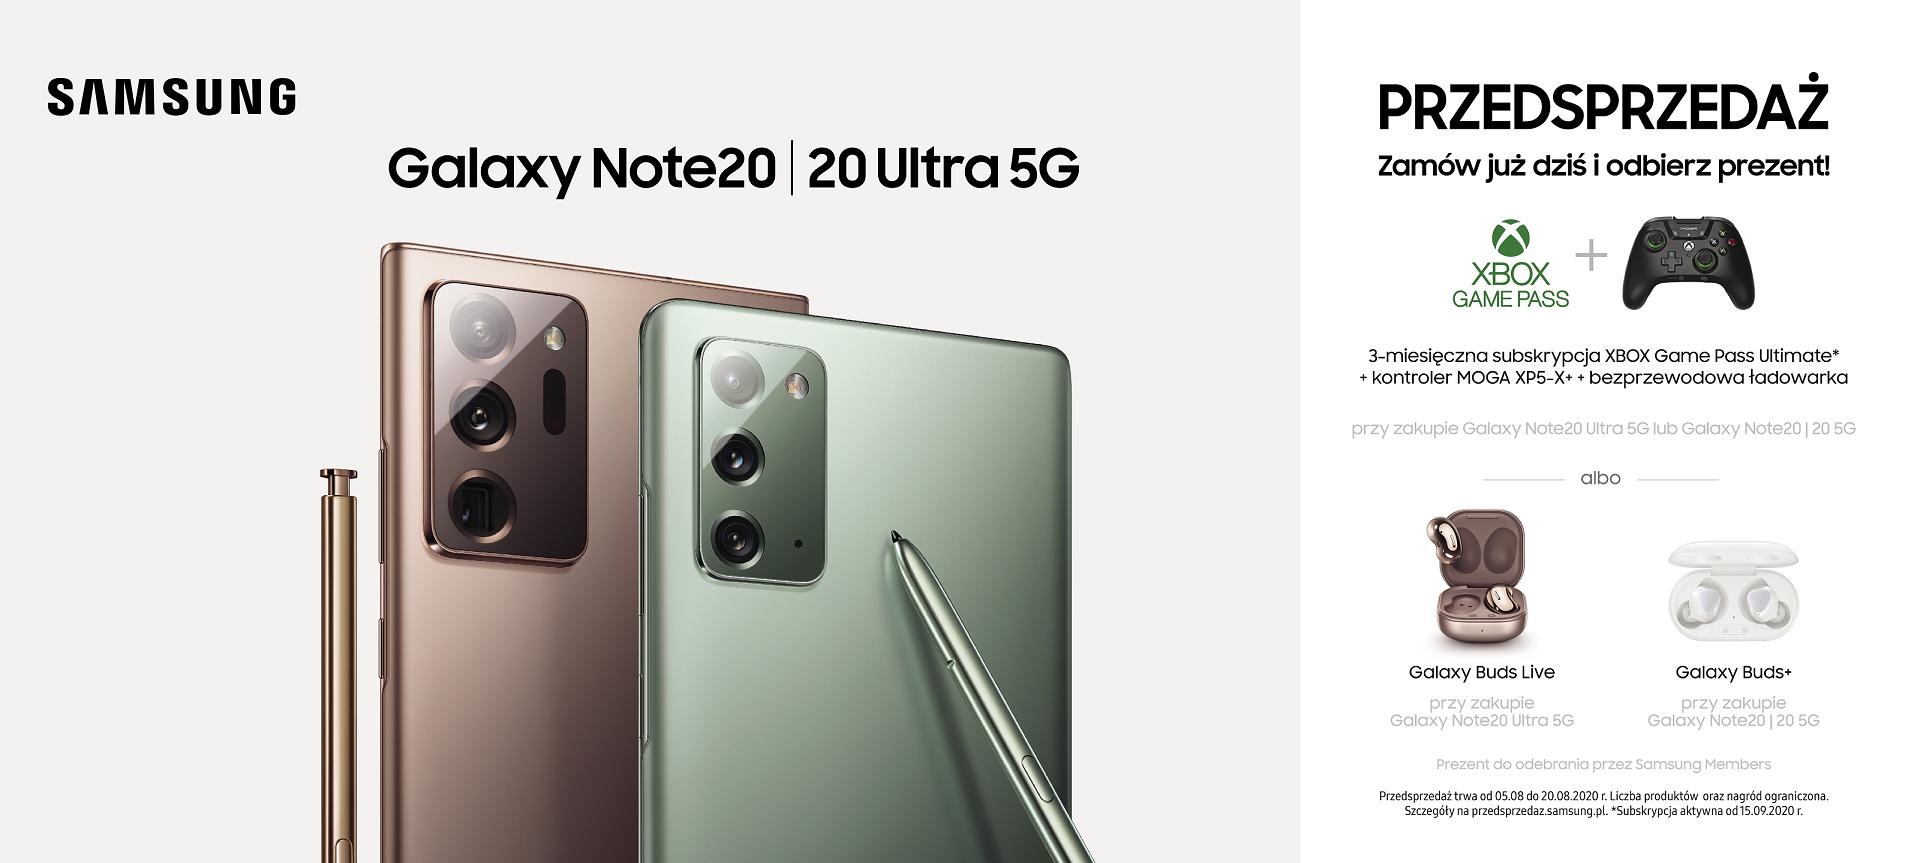 samsung galaxy note20 5g i note20 ultra 5g w przedsprzedazy t mobile